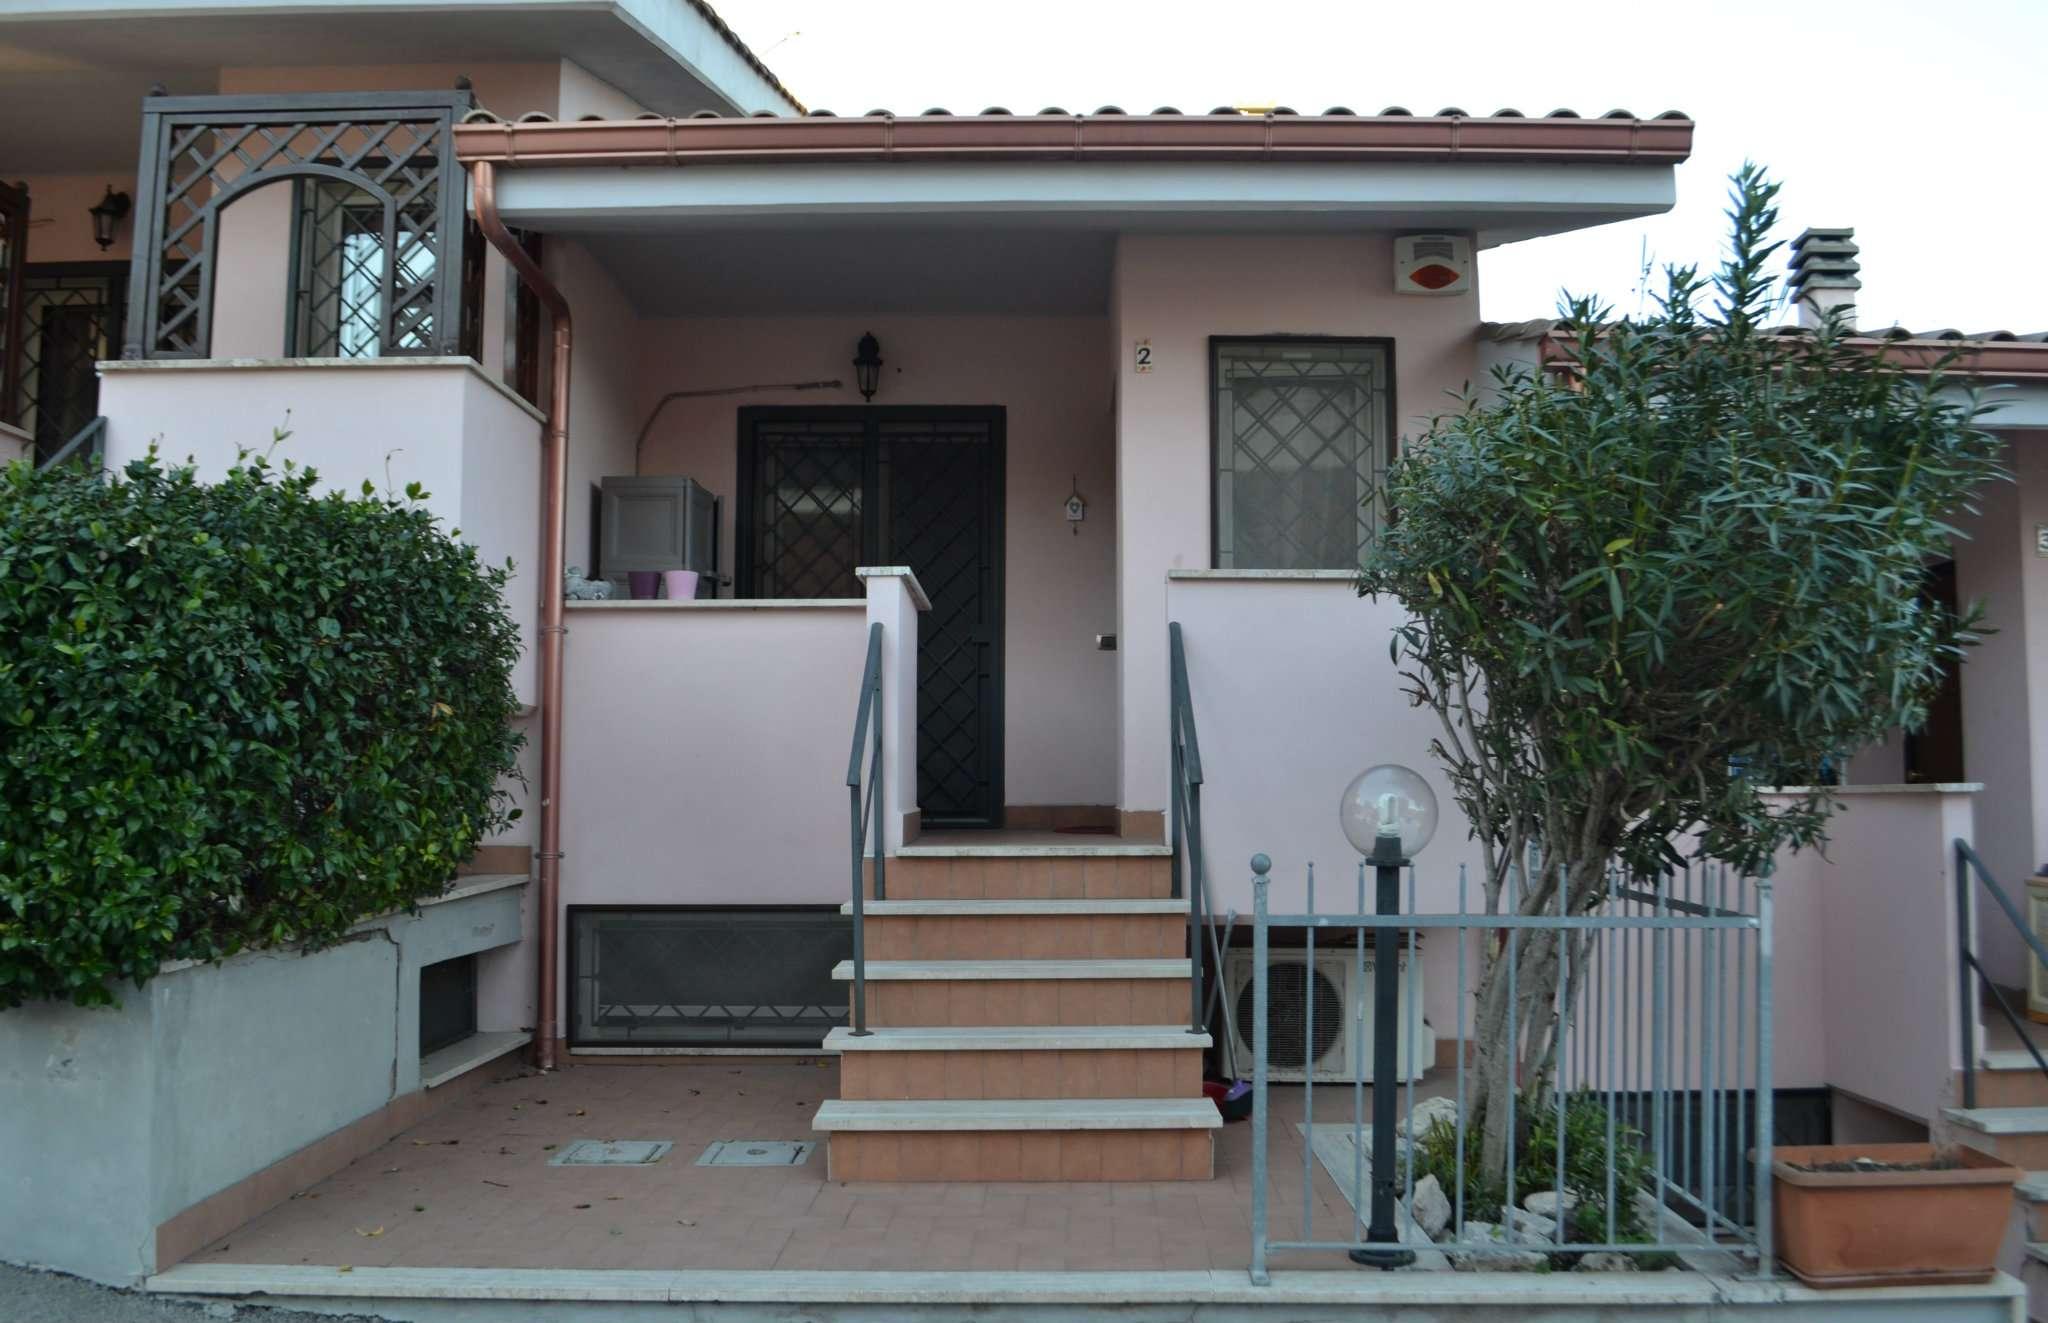 Villa a Schiera in vendita a Roma, 5 locali, zona Zona: 40 . Piana del Sole, Casal Lumbroso, Malagrotta, Ponte Galeria, prezzo € 179.000 | CambioCasa.it